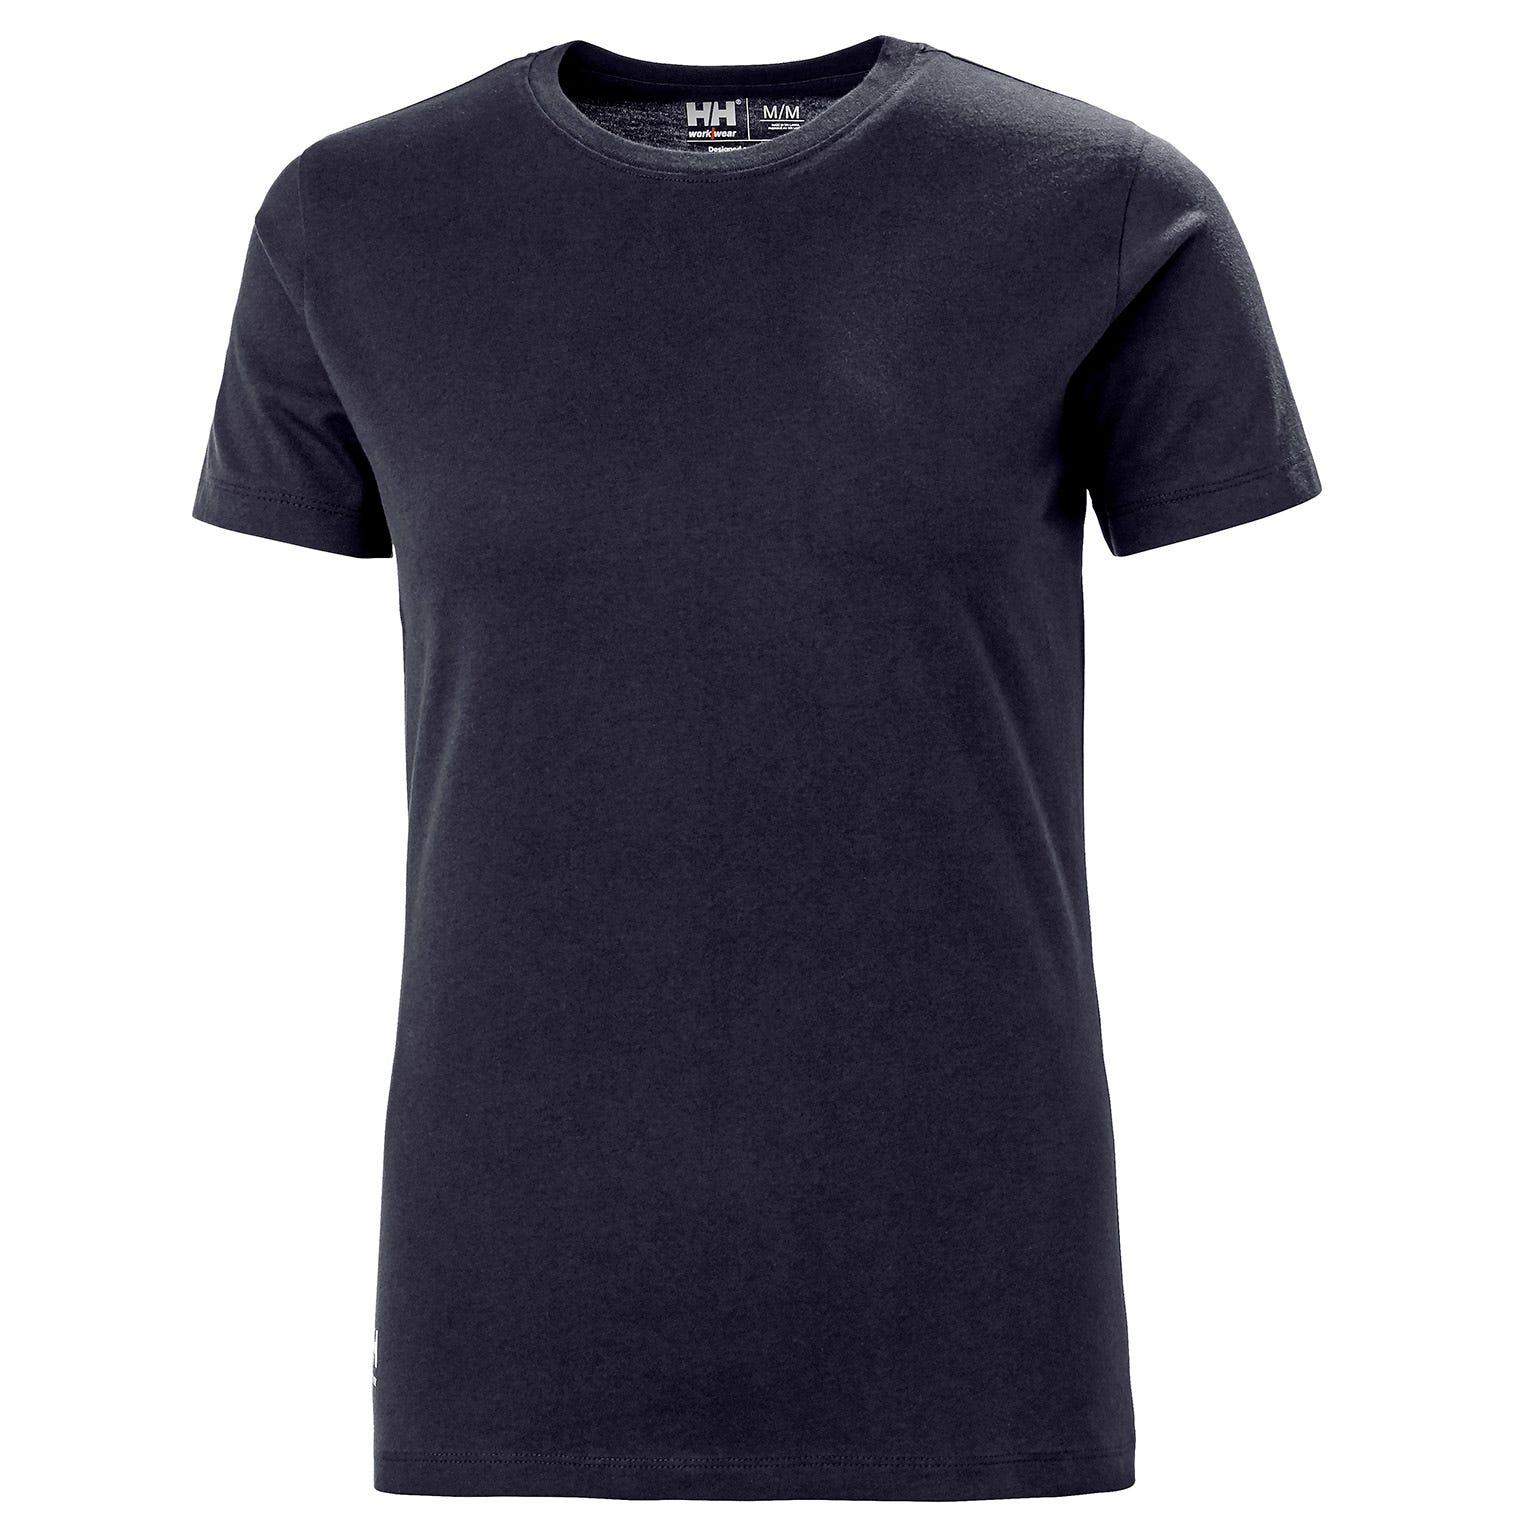 HH Workwear Helly Hansen WorkwearWomen's Manchester Cotton T-Shirt Navy XS